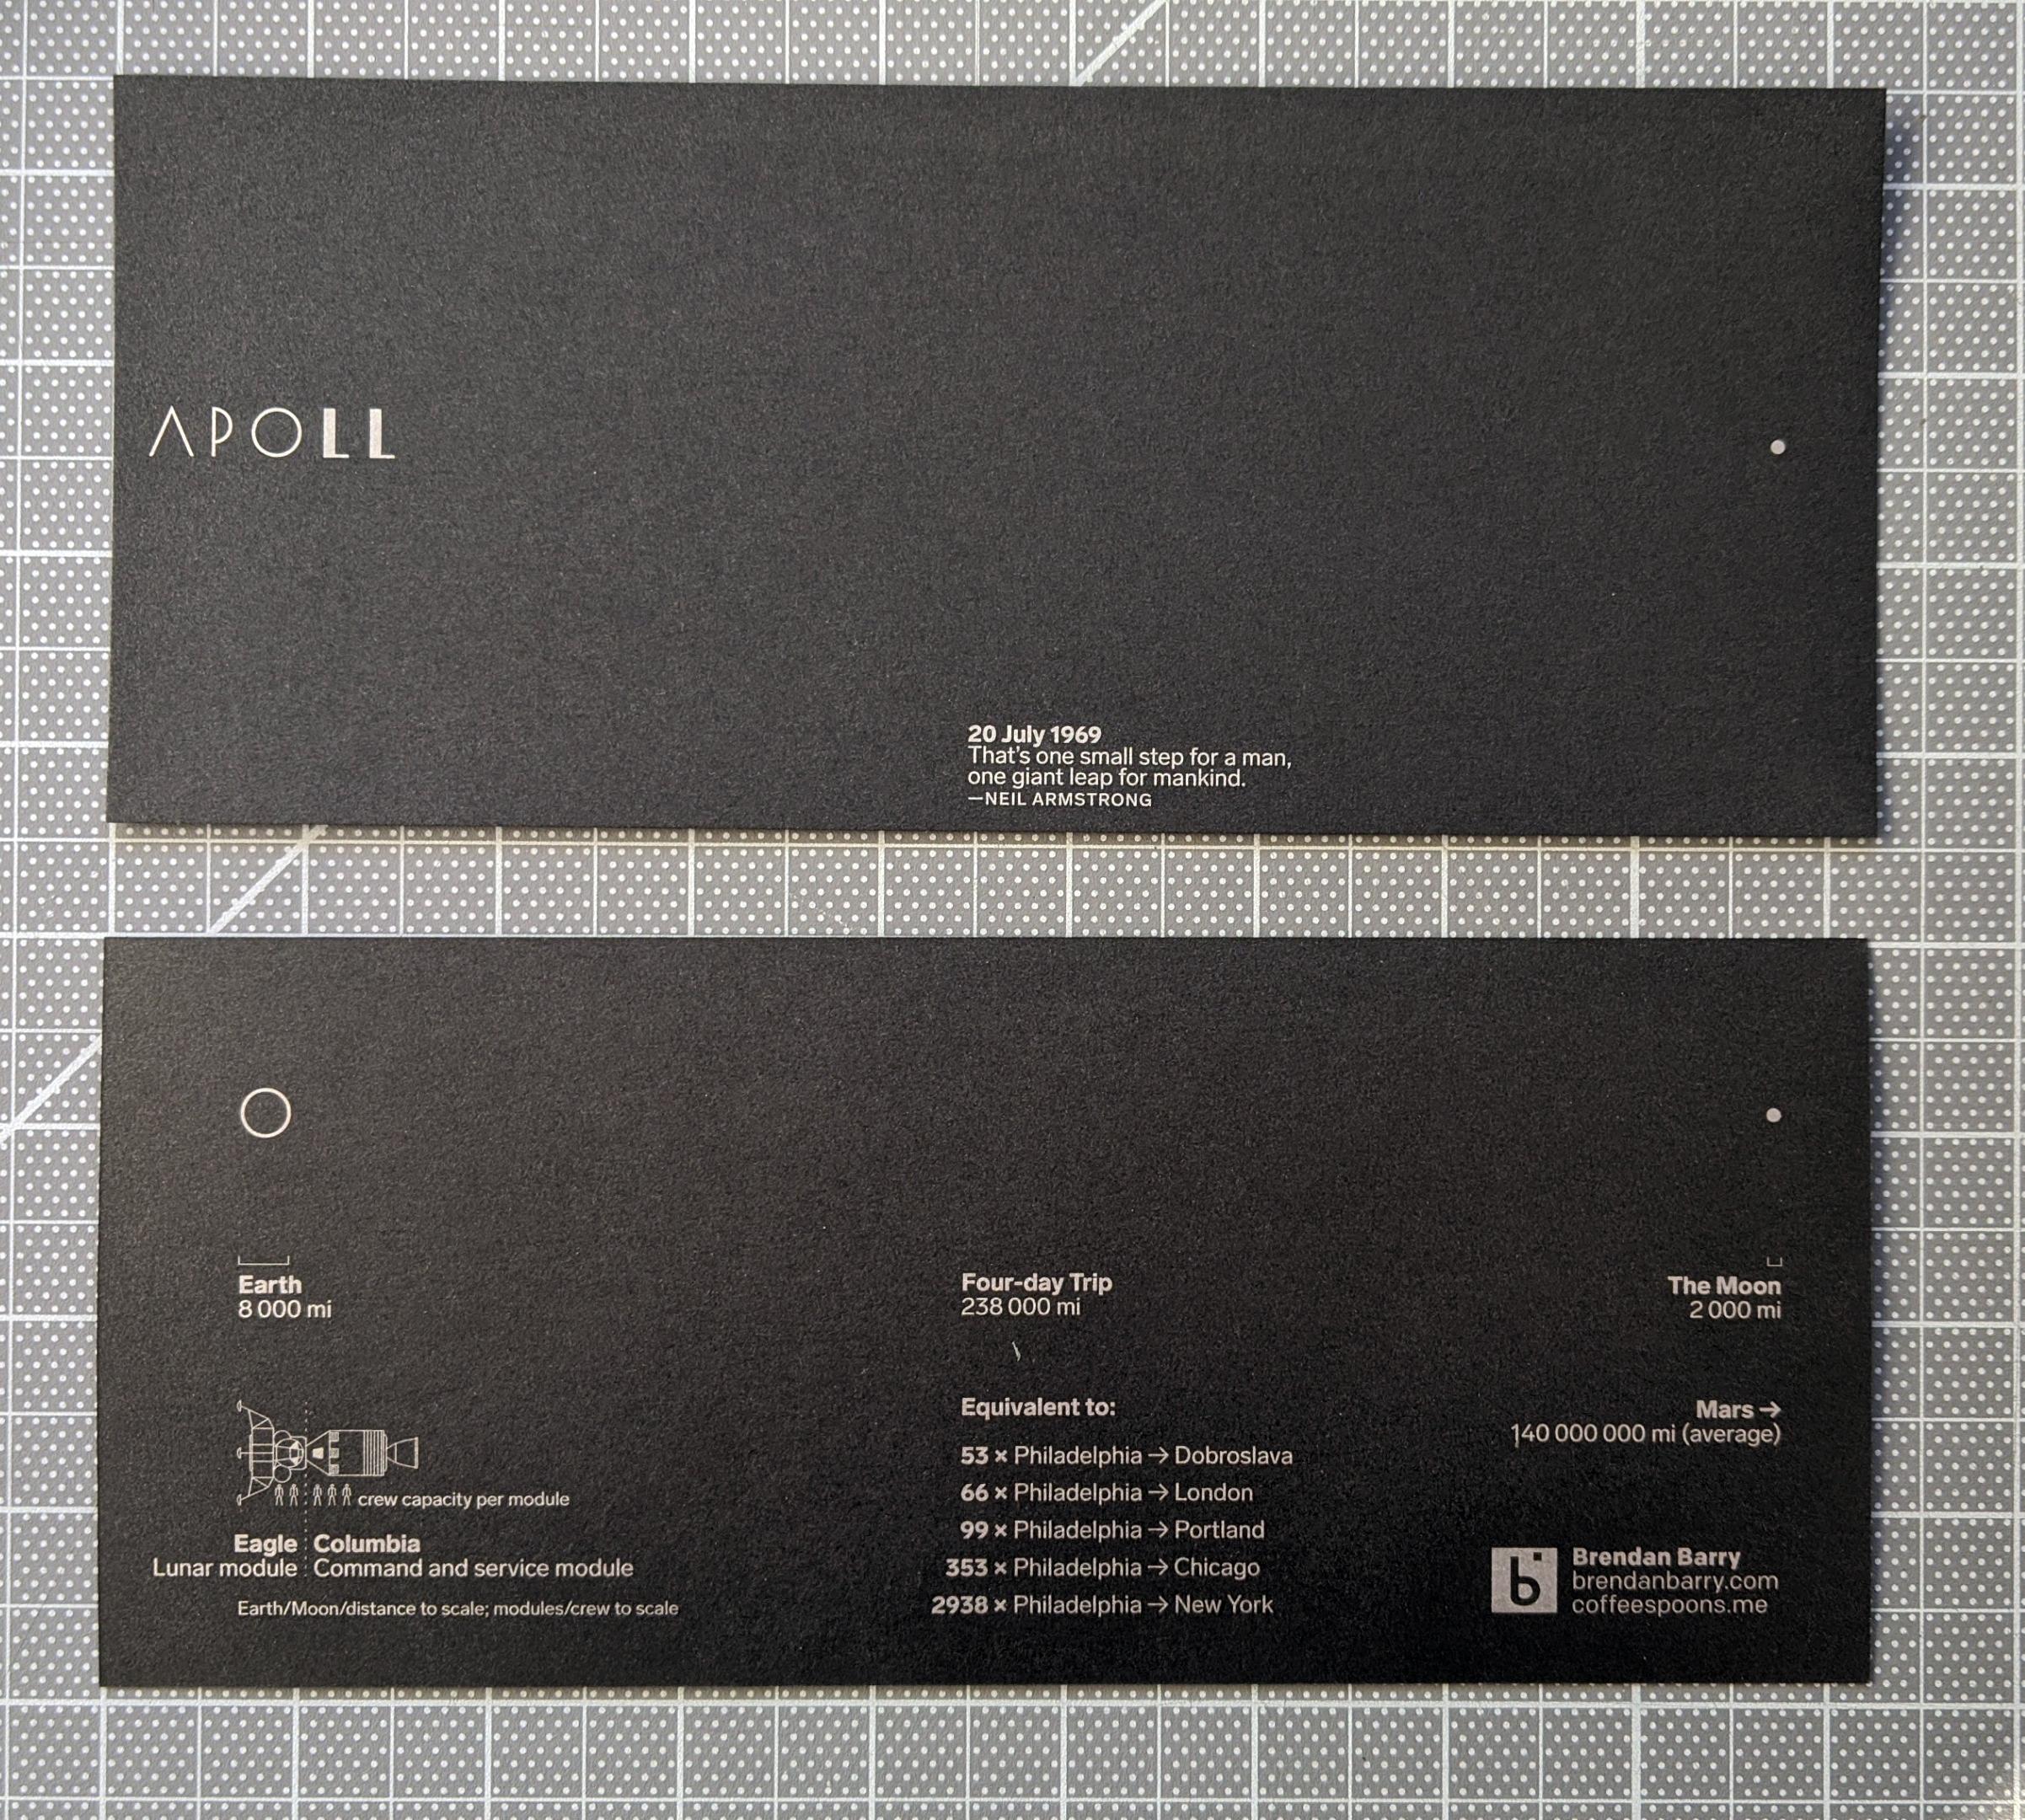 Apollo 11 Anniversary Card